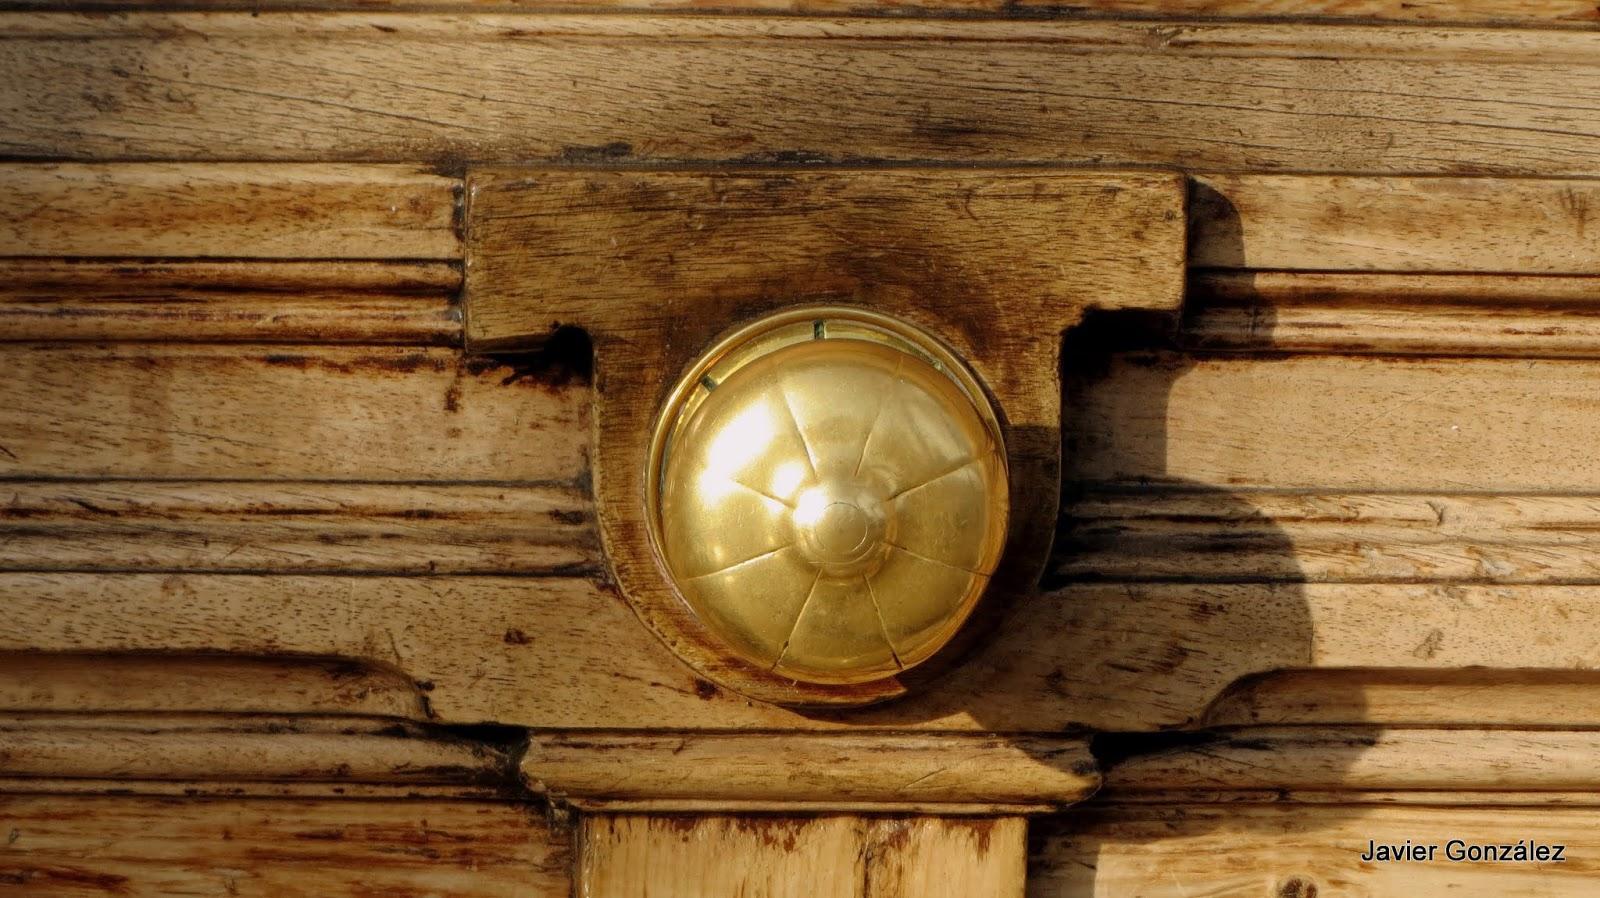 pomos, aldabas, aldabones, llamadores, agarradores, puños, manillas, knobs, knockers, doorknockers, potholders, cuffs, handles